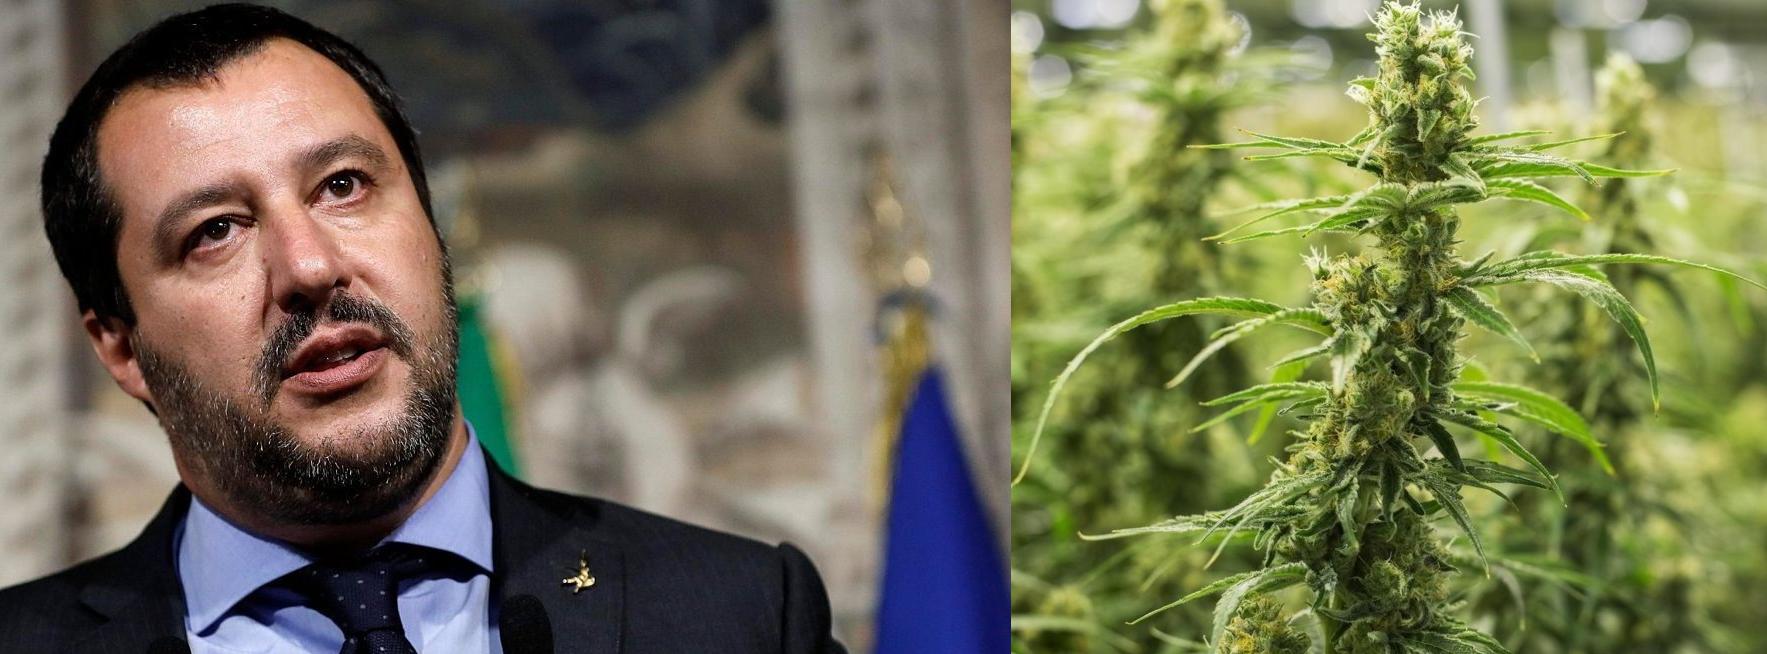 Matteo Salvini e la campagna di lotta alla cannabis light: che succede?